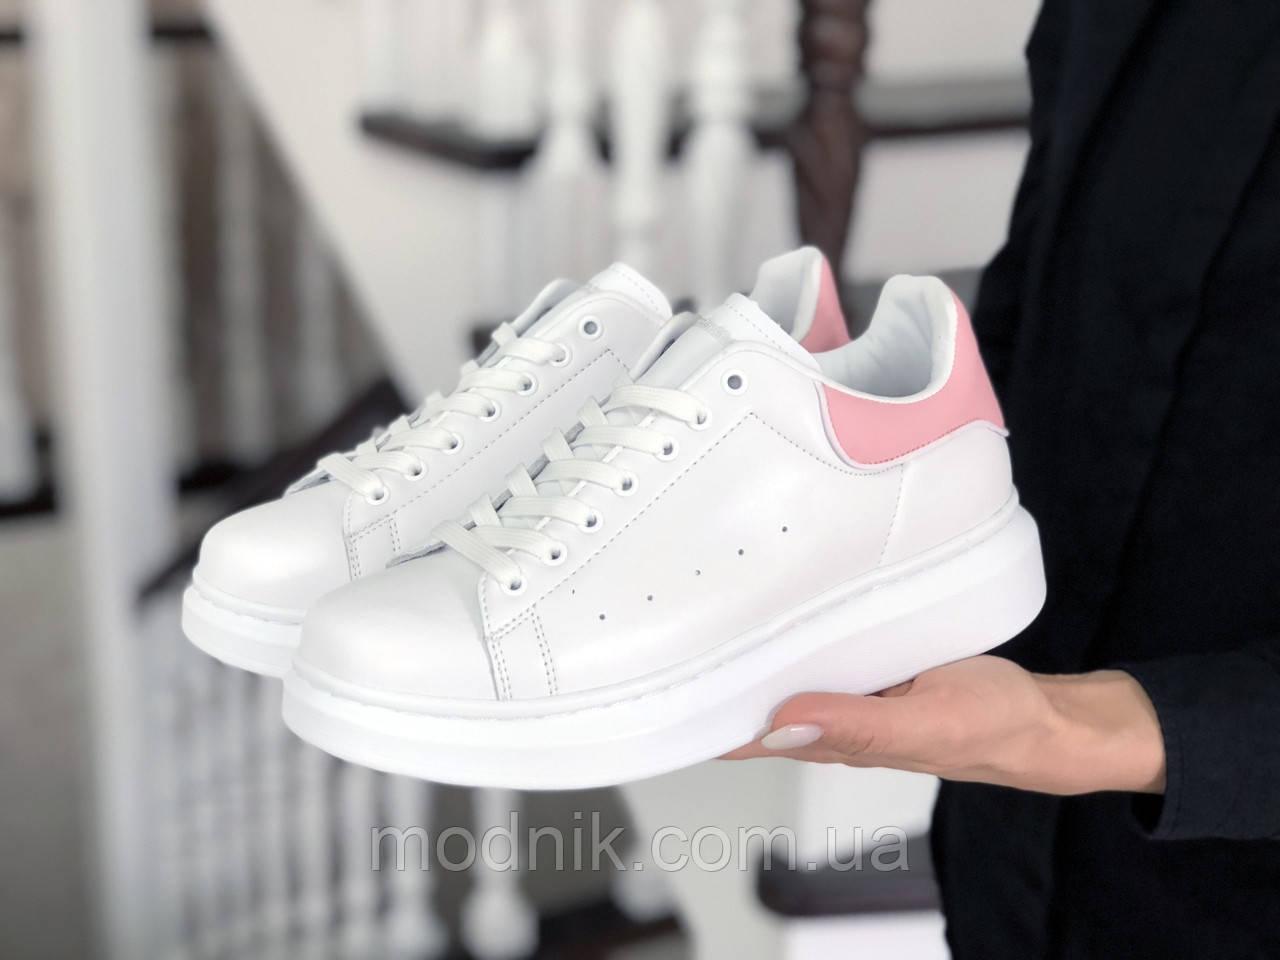 Женские кроссовки Alexander McQueen (бело-розовые) 9083